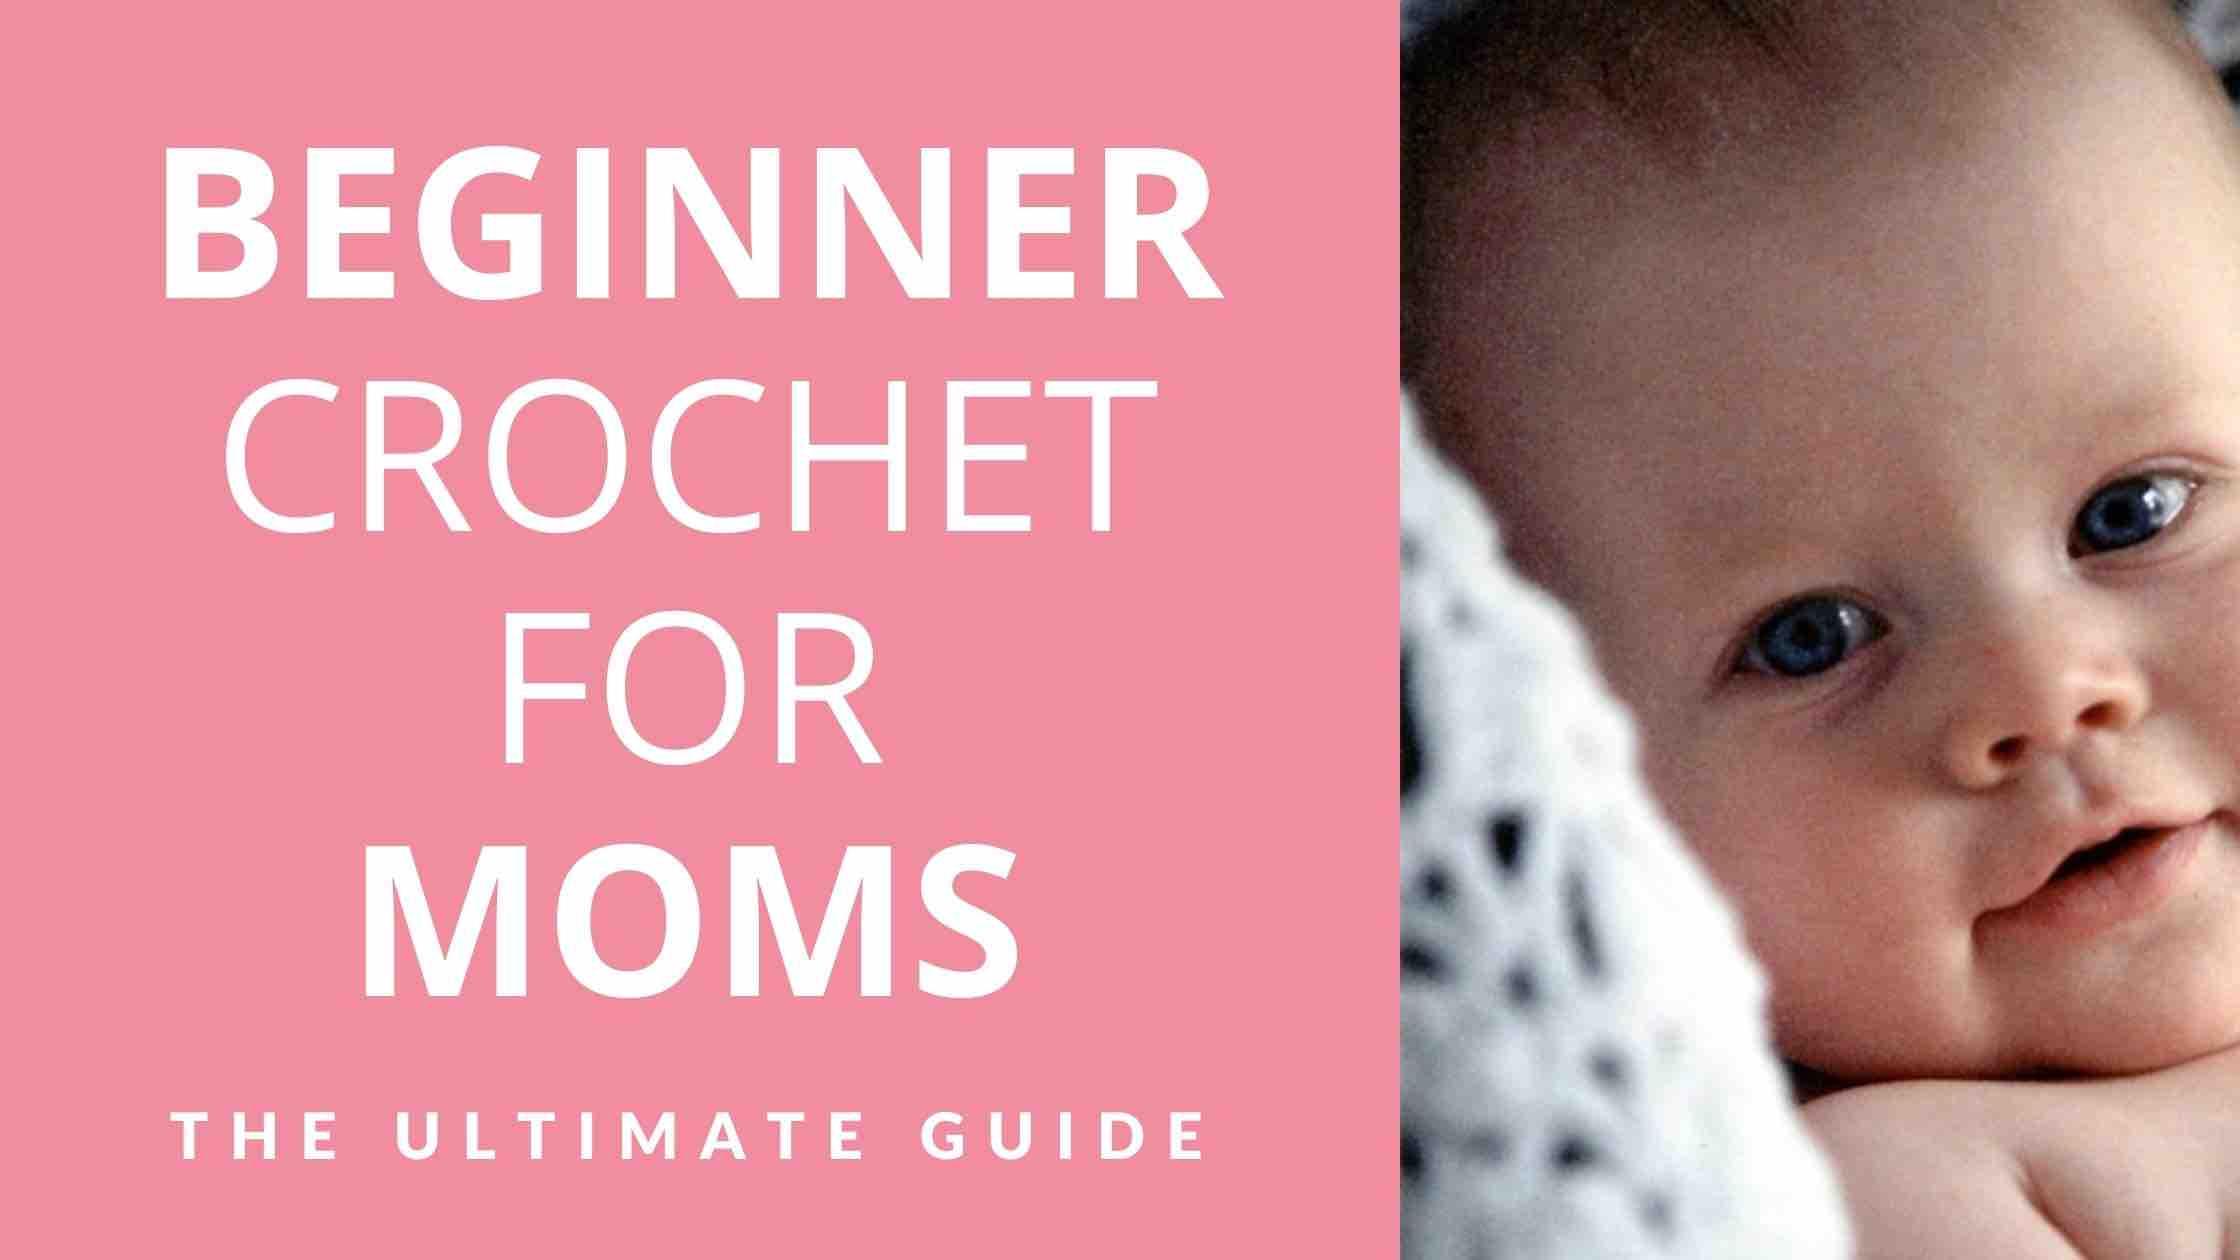 Beginner Crochet For Moms The Ultimate Guide Start Crochet (1)